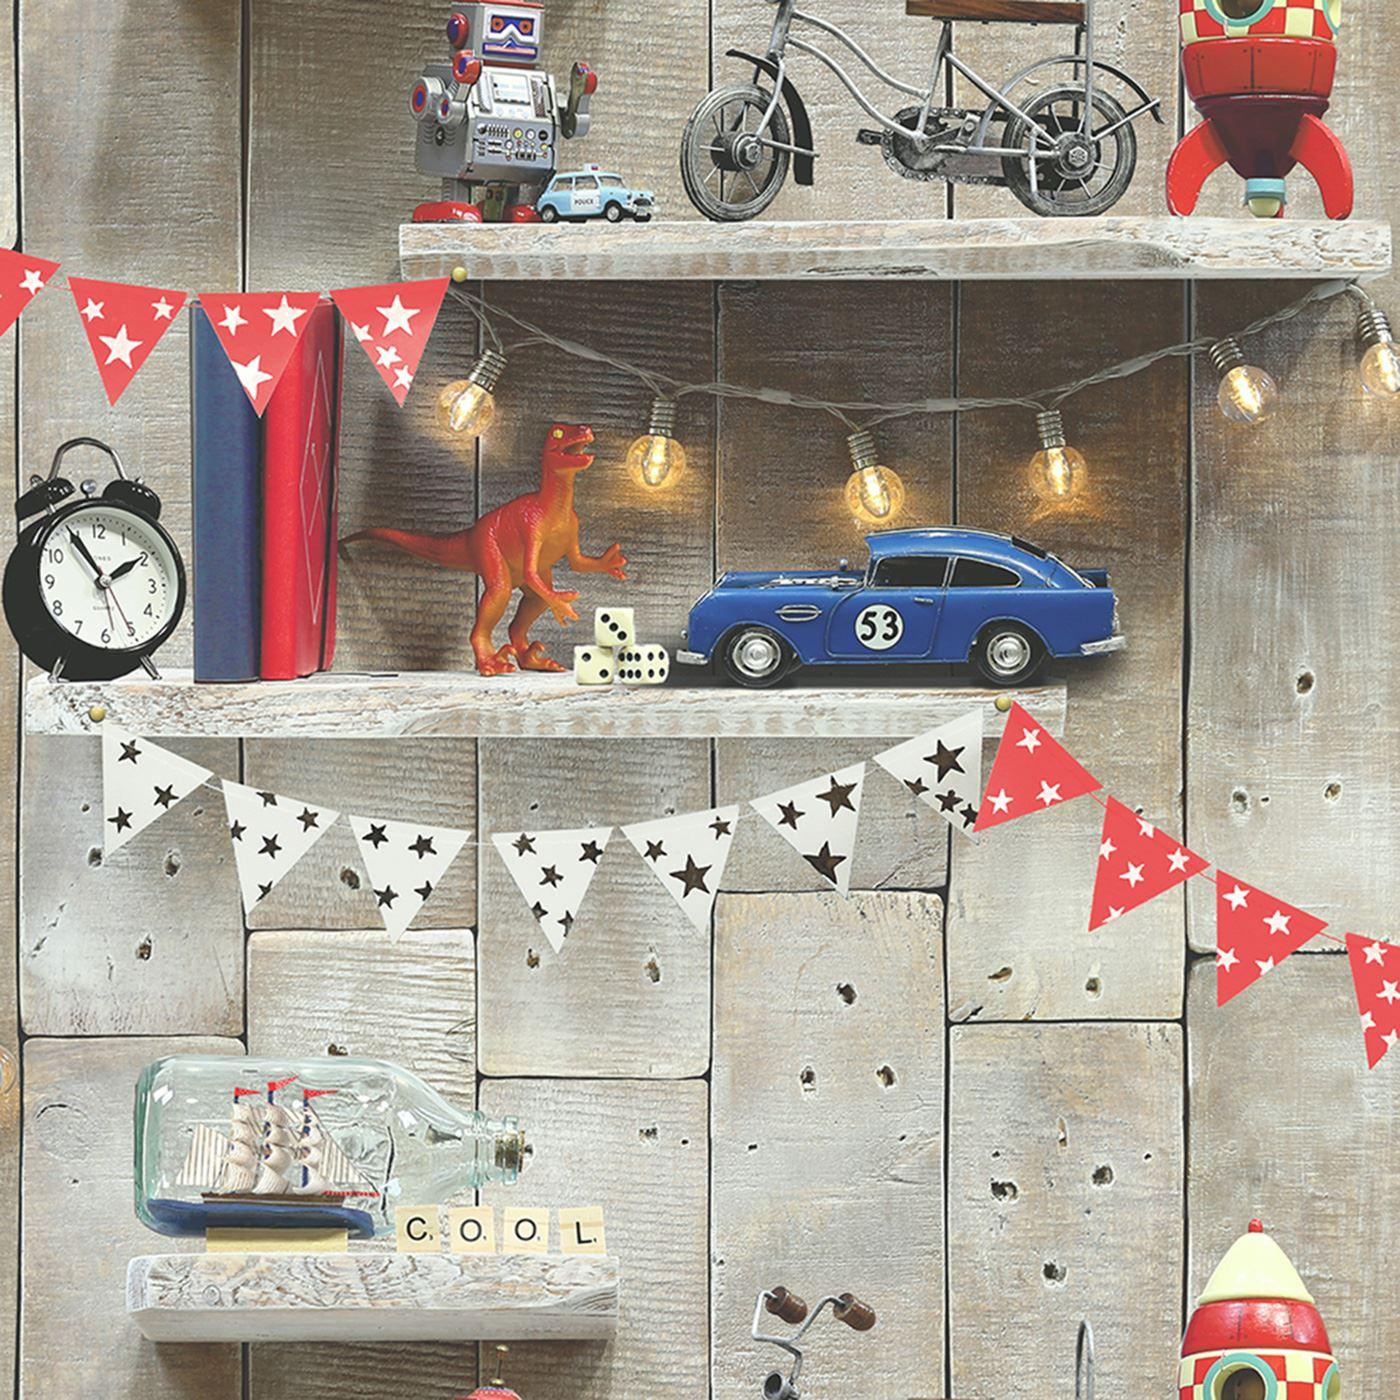 Kinder Jungen Tapete Autos Raum Fussball Graffiti Kinderzimmer